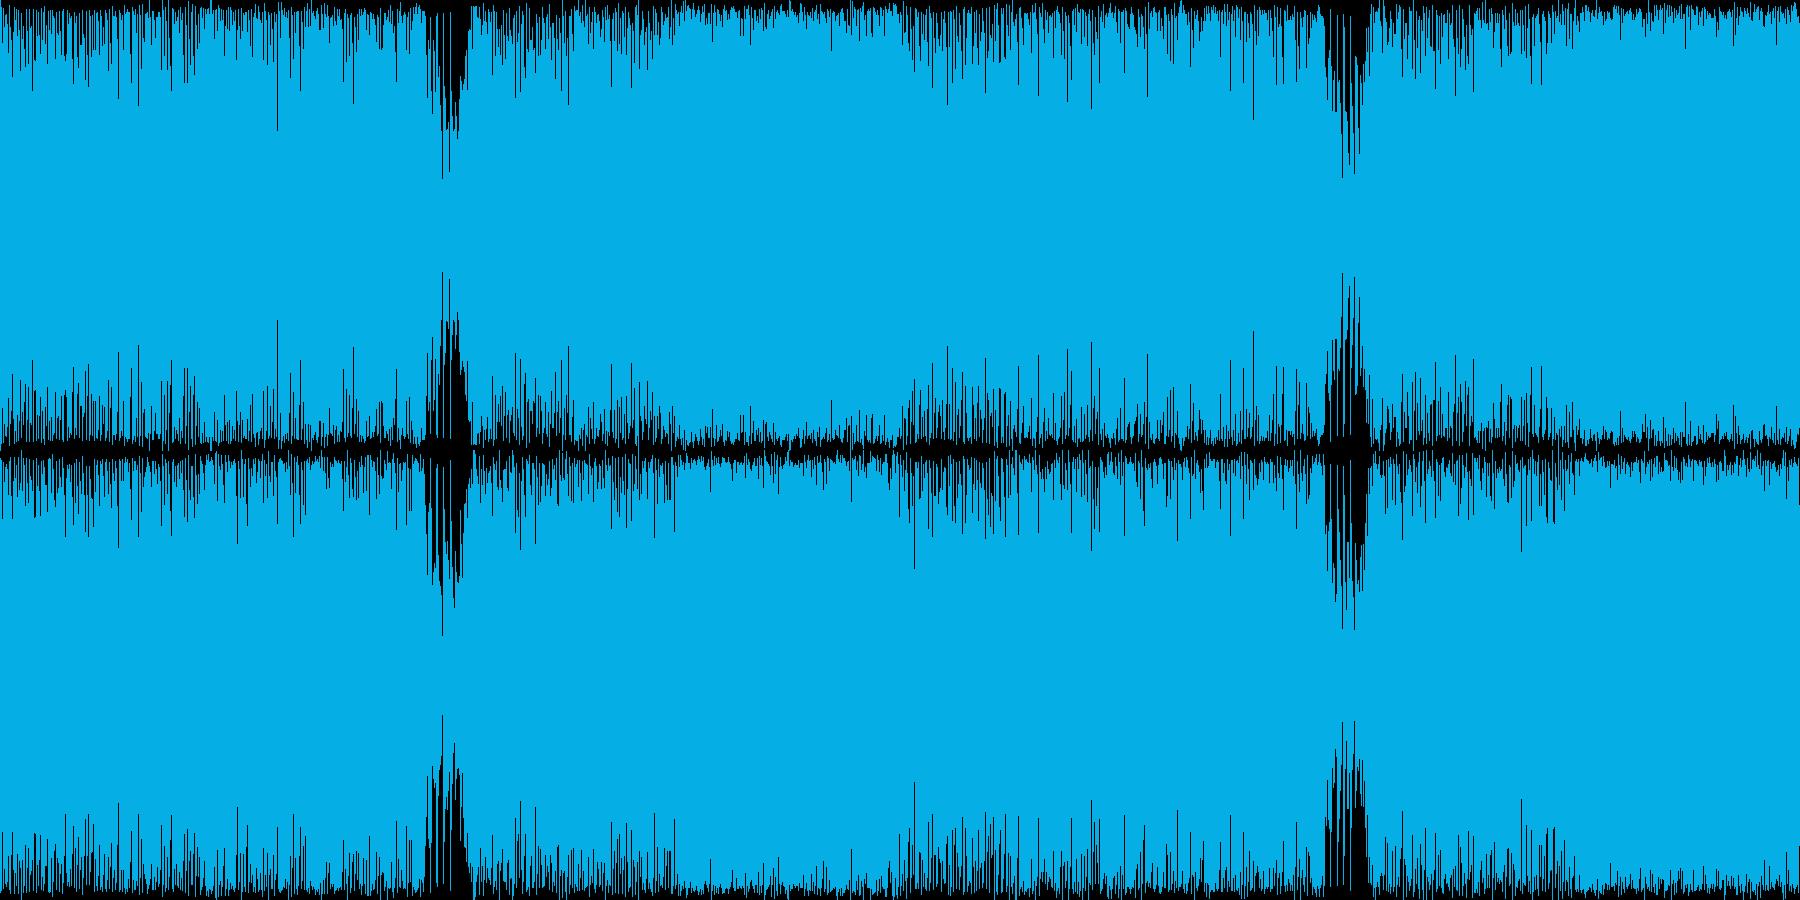 ジュリアナ系ハイパーテクノレイブ神秘的2の再生済みの波形